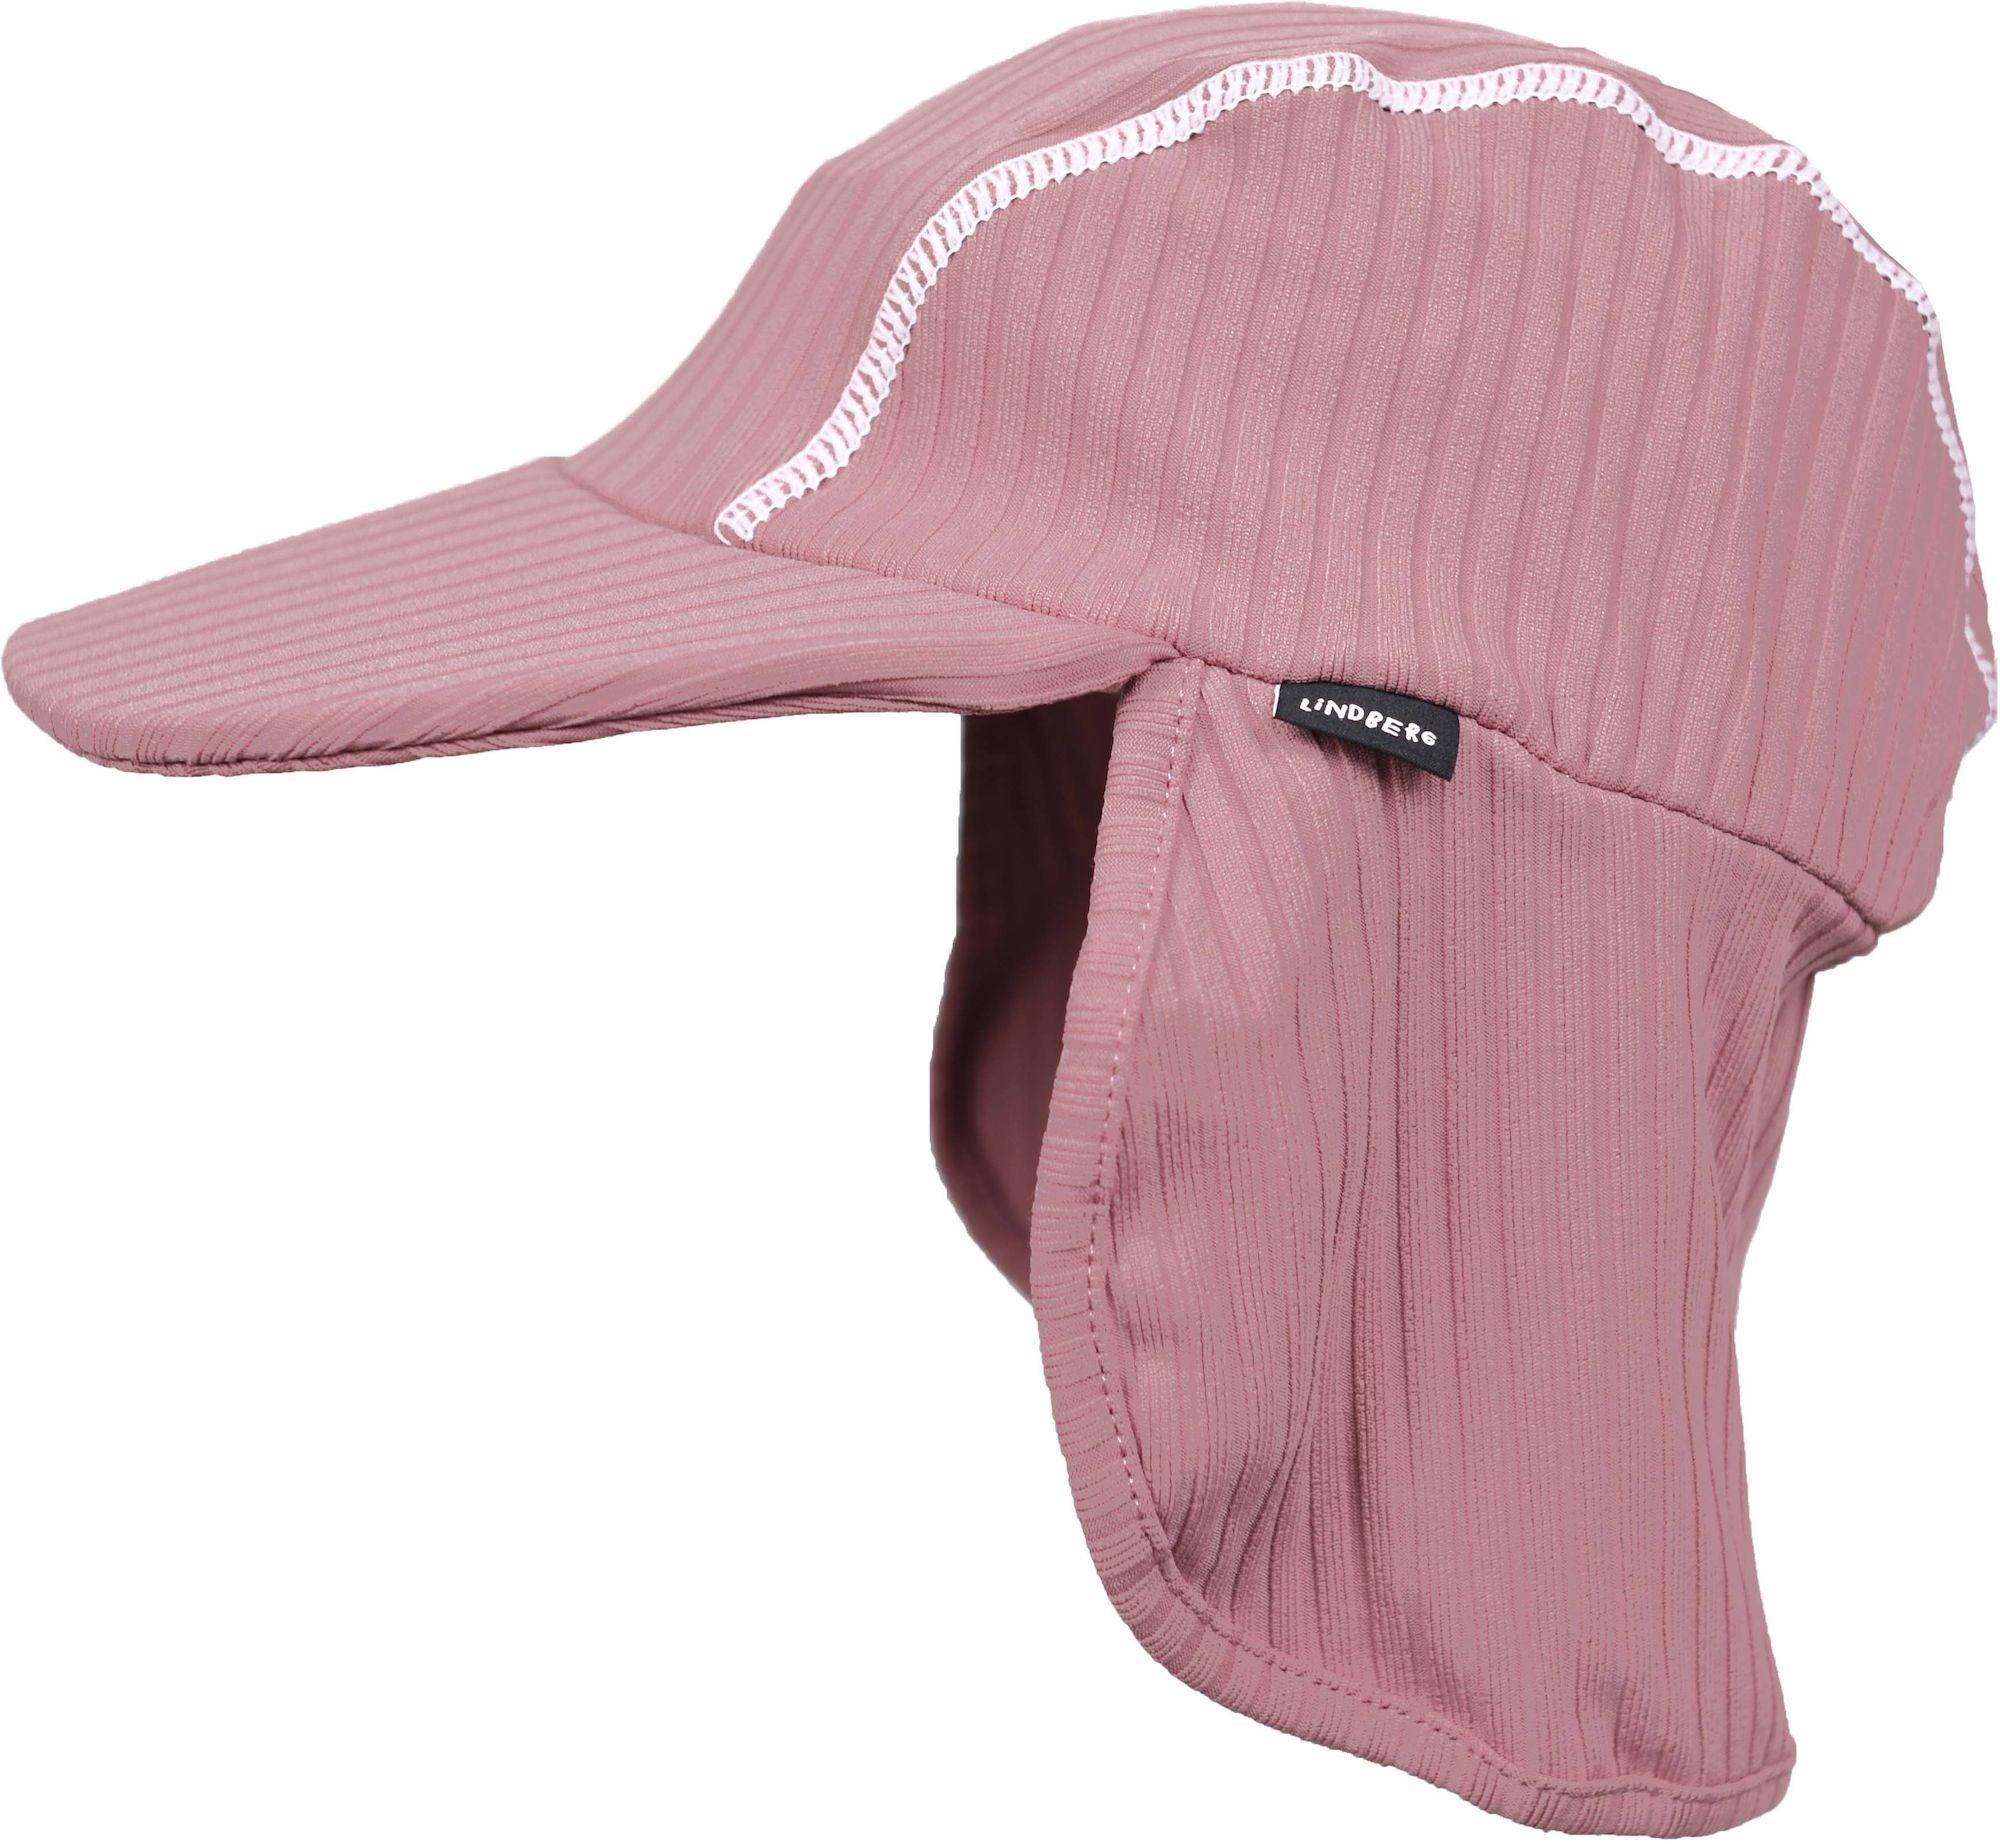 Lindberg Mallorca UV-Hatt UPF50+, Rose, JR